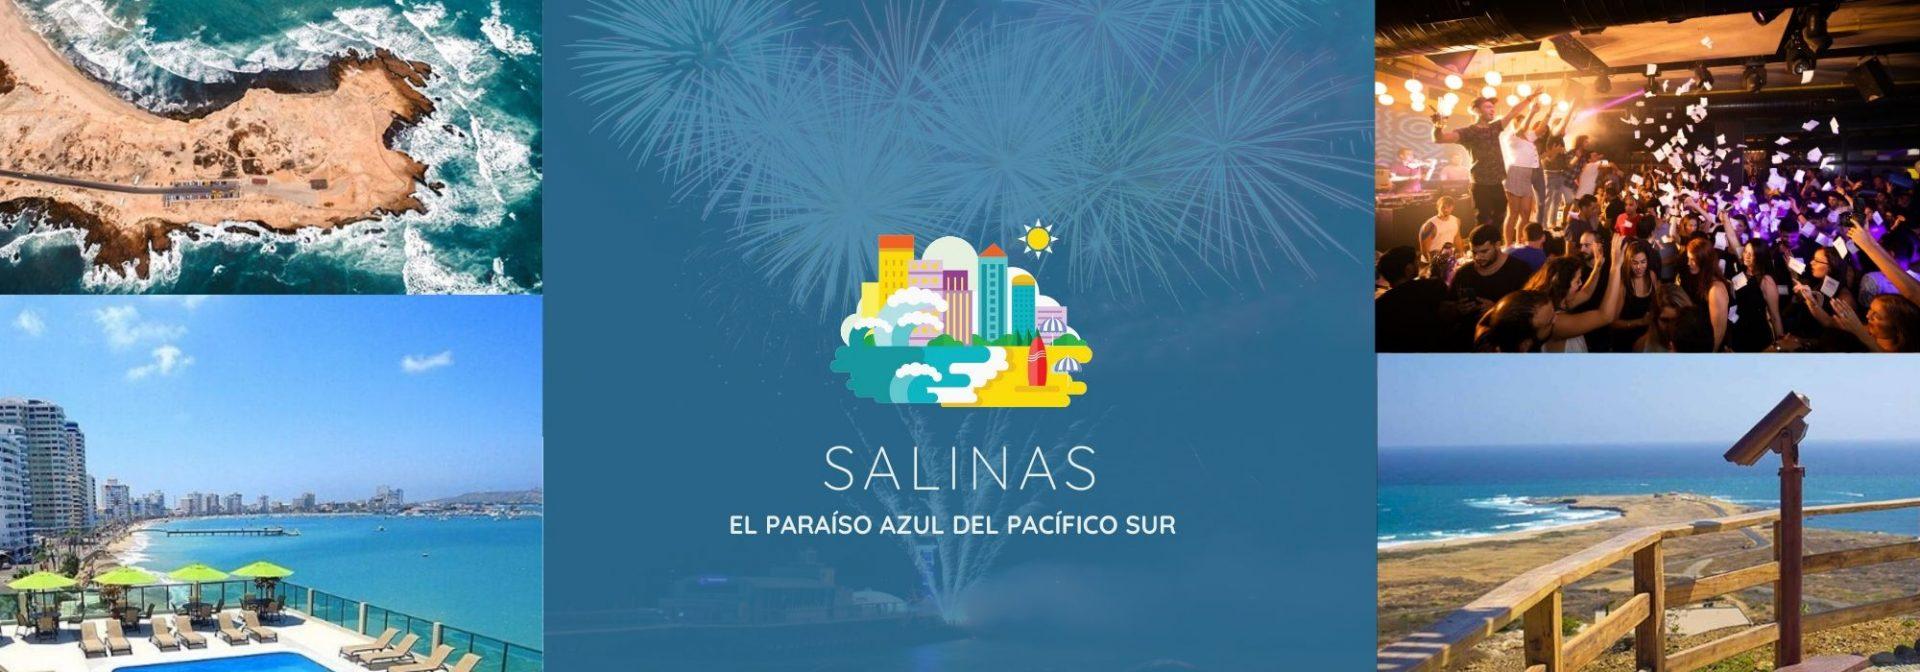 Turismo Playas de Salinas en Santa Elena Ecuador